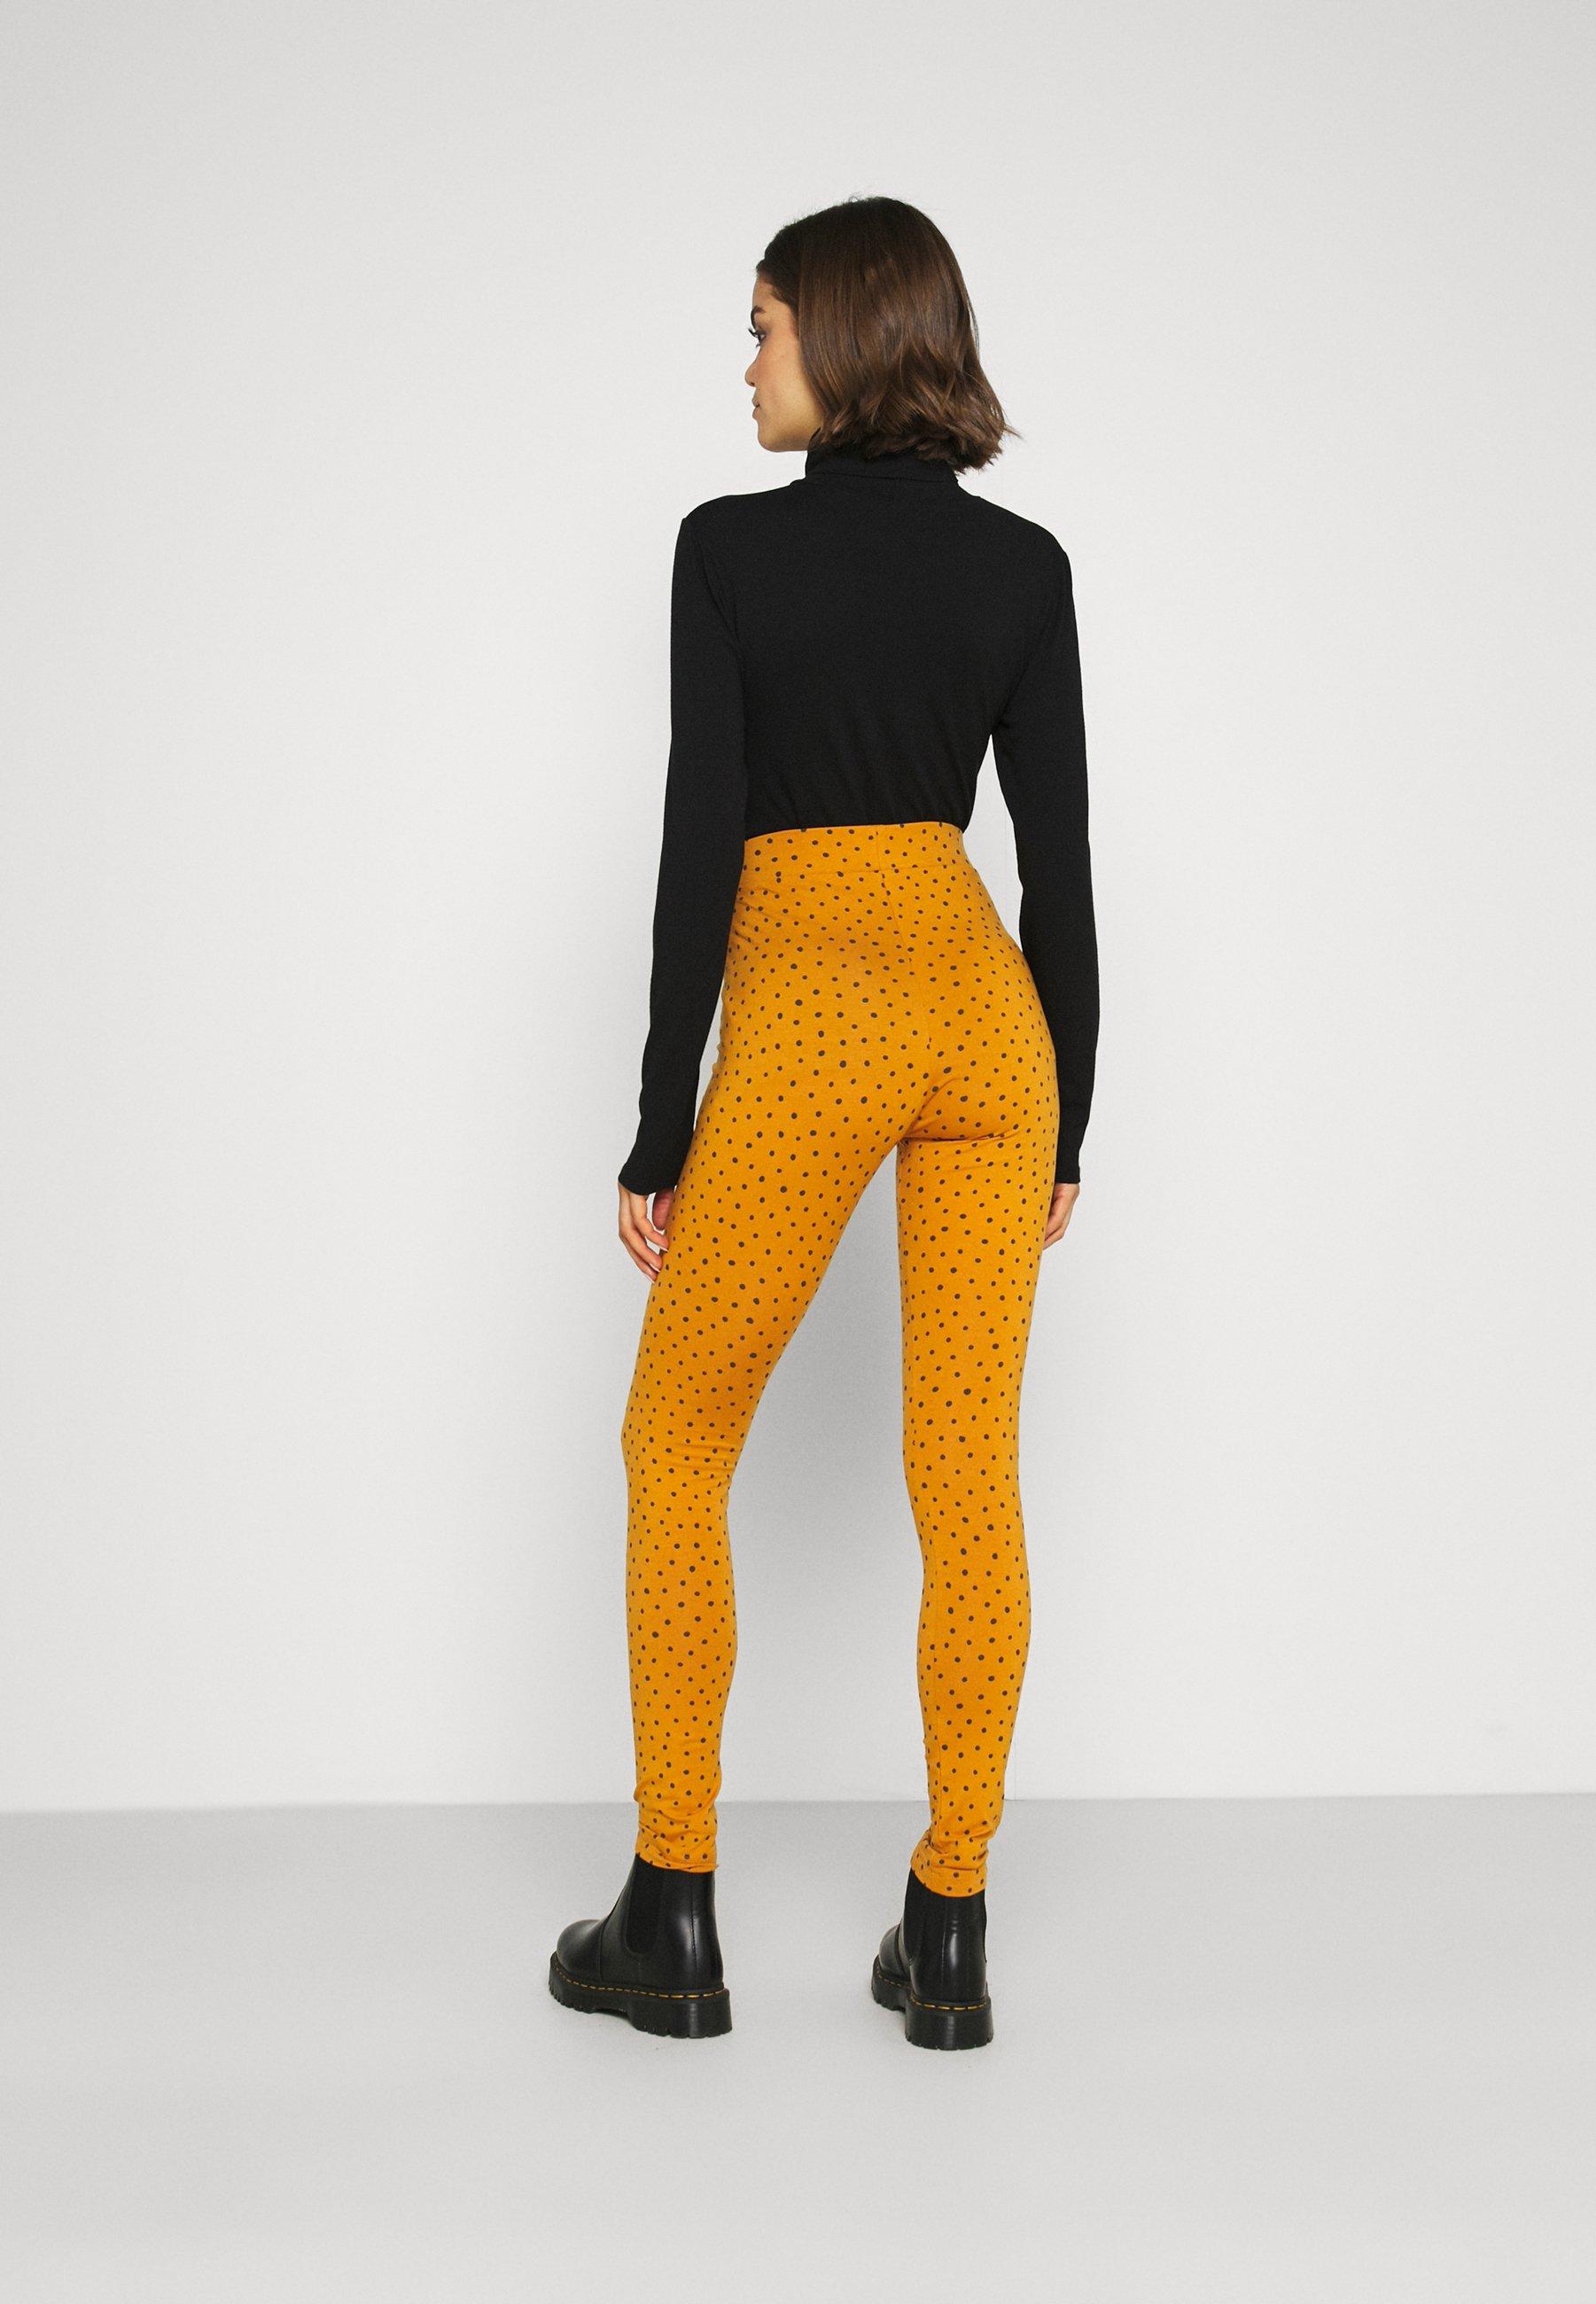 Gule Bukser & shorts | Dame | Nye bukser på nett hos Zalando